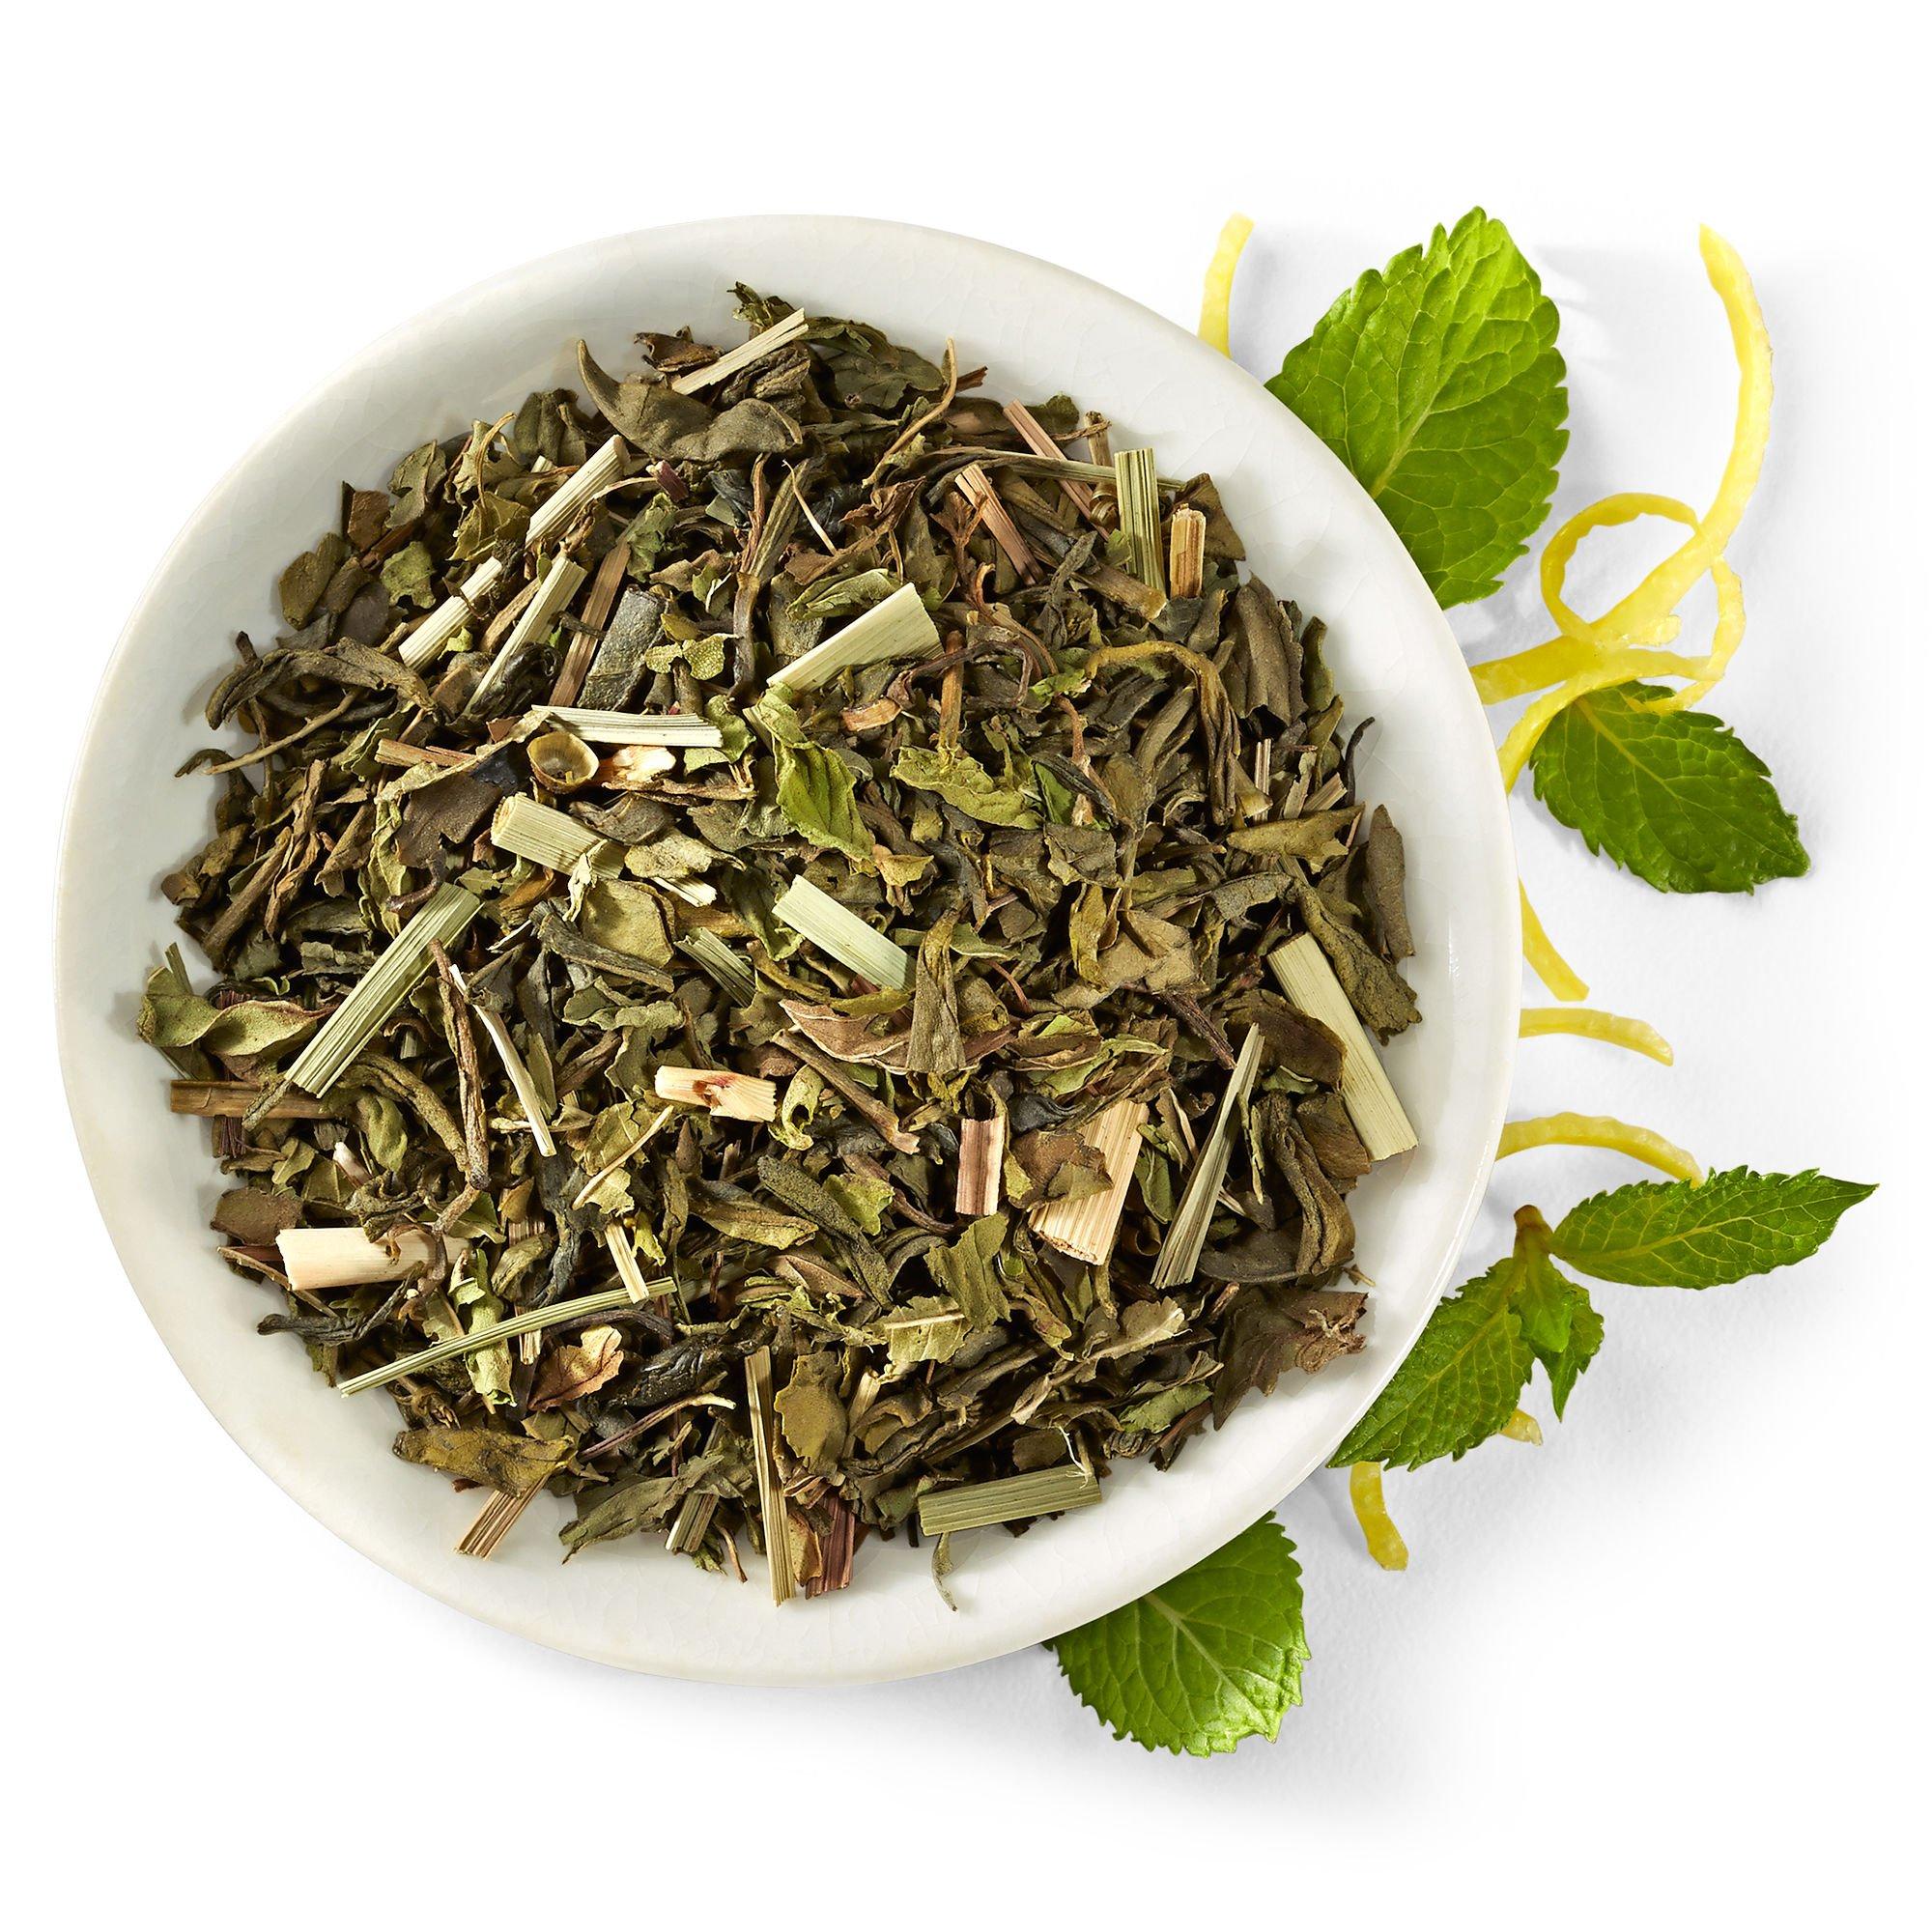 Teavana Jade Citrus Mint Loose-Leaf Green Tea (8oz Bag)